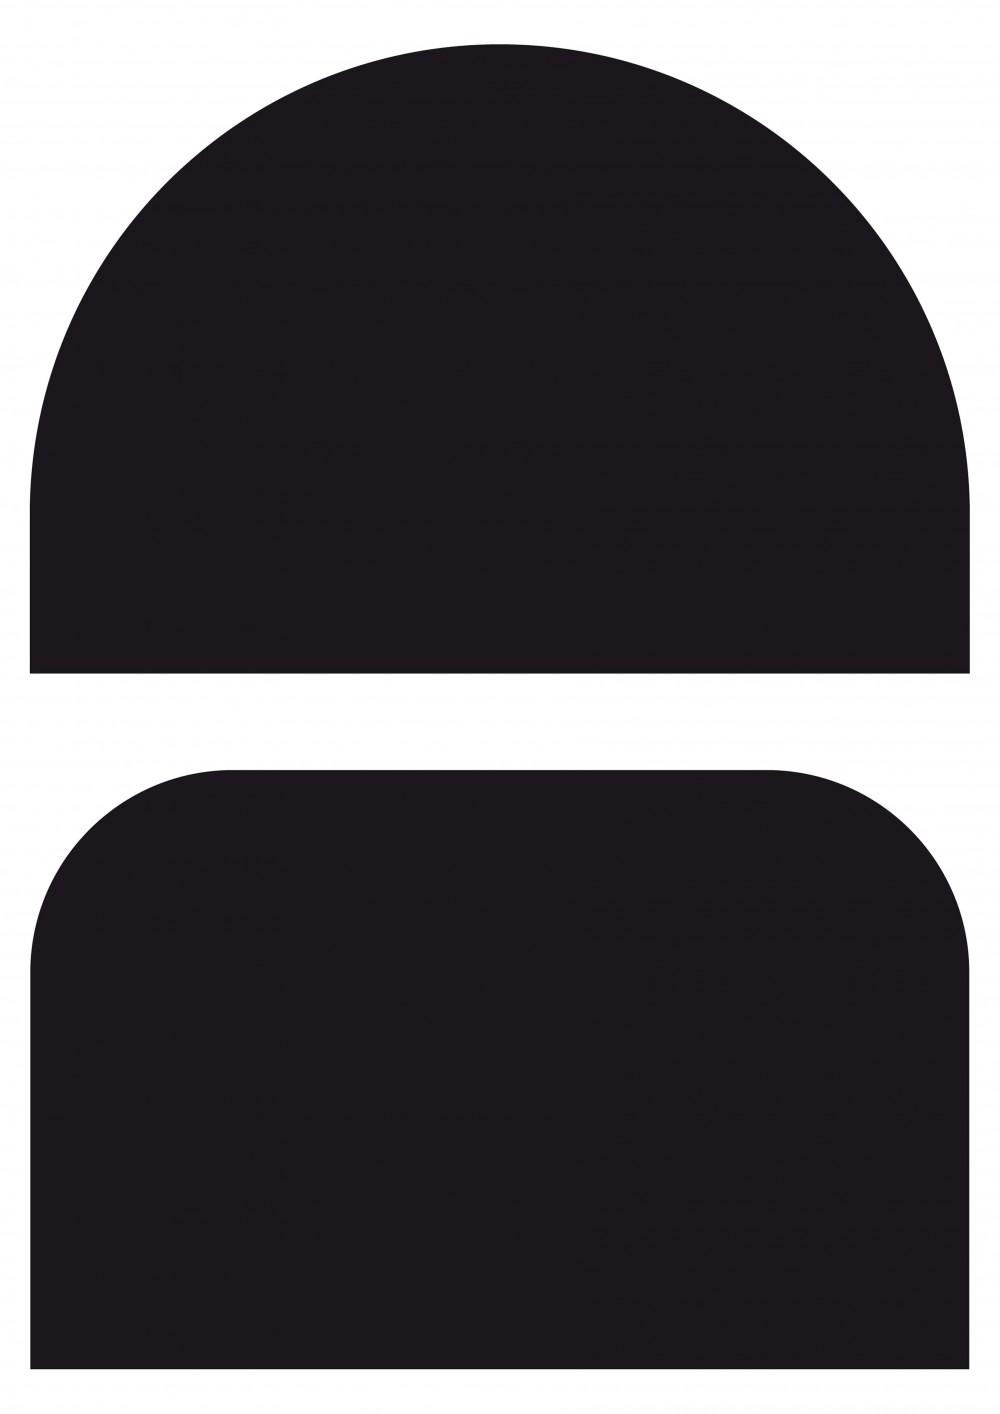 Formes noires - © Pierre Charpin